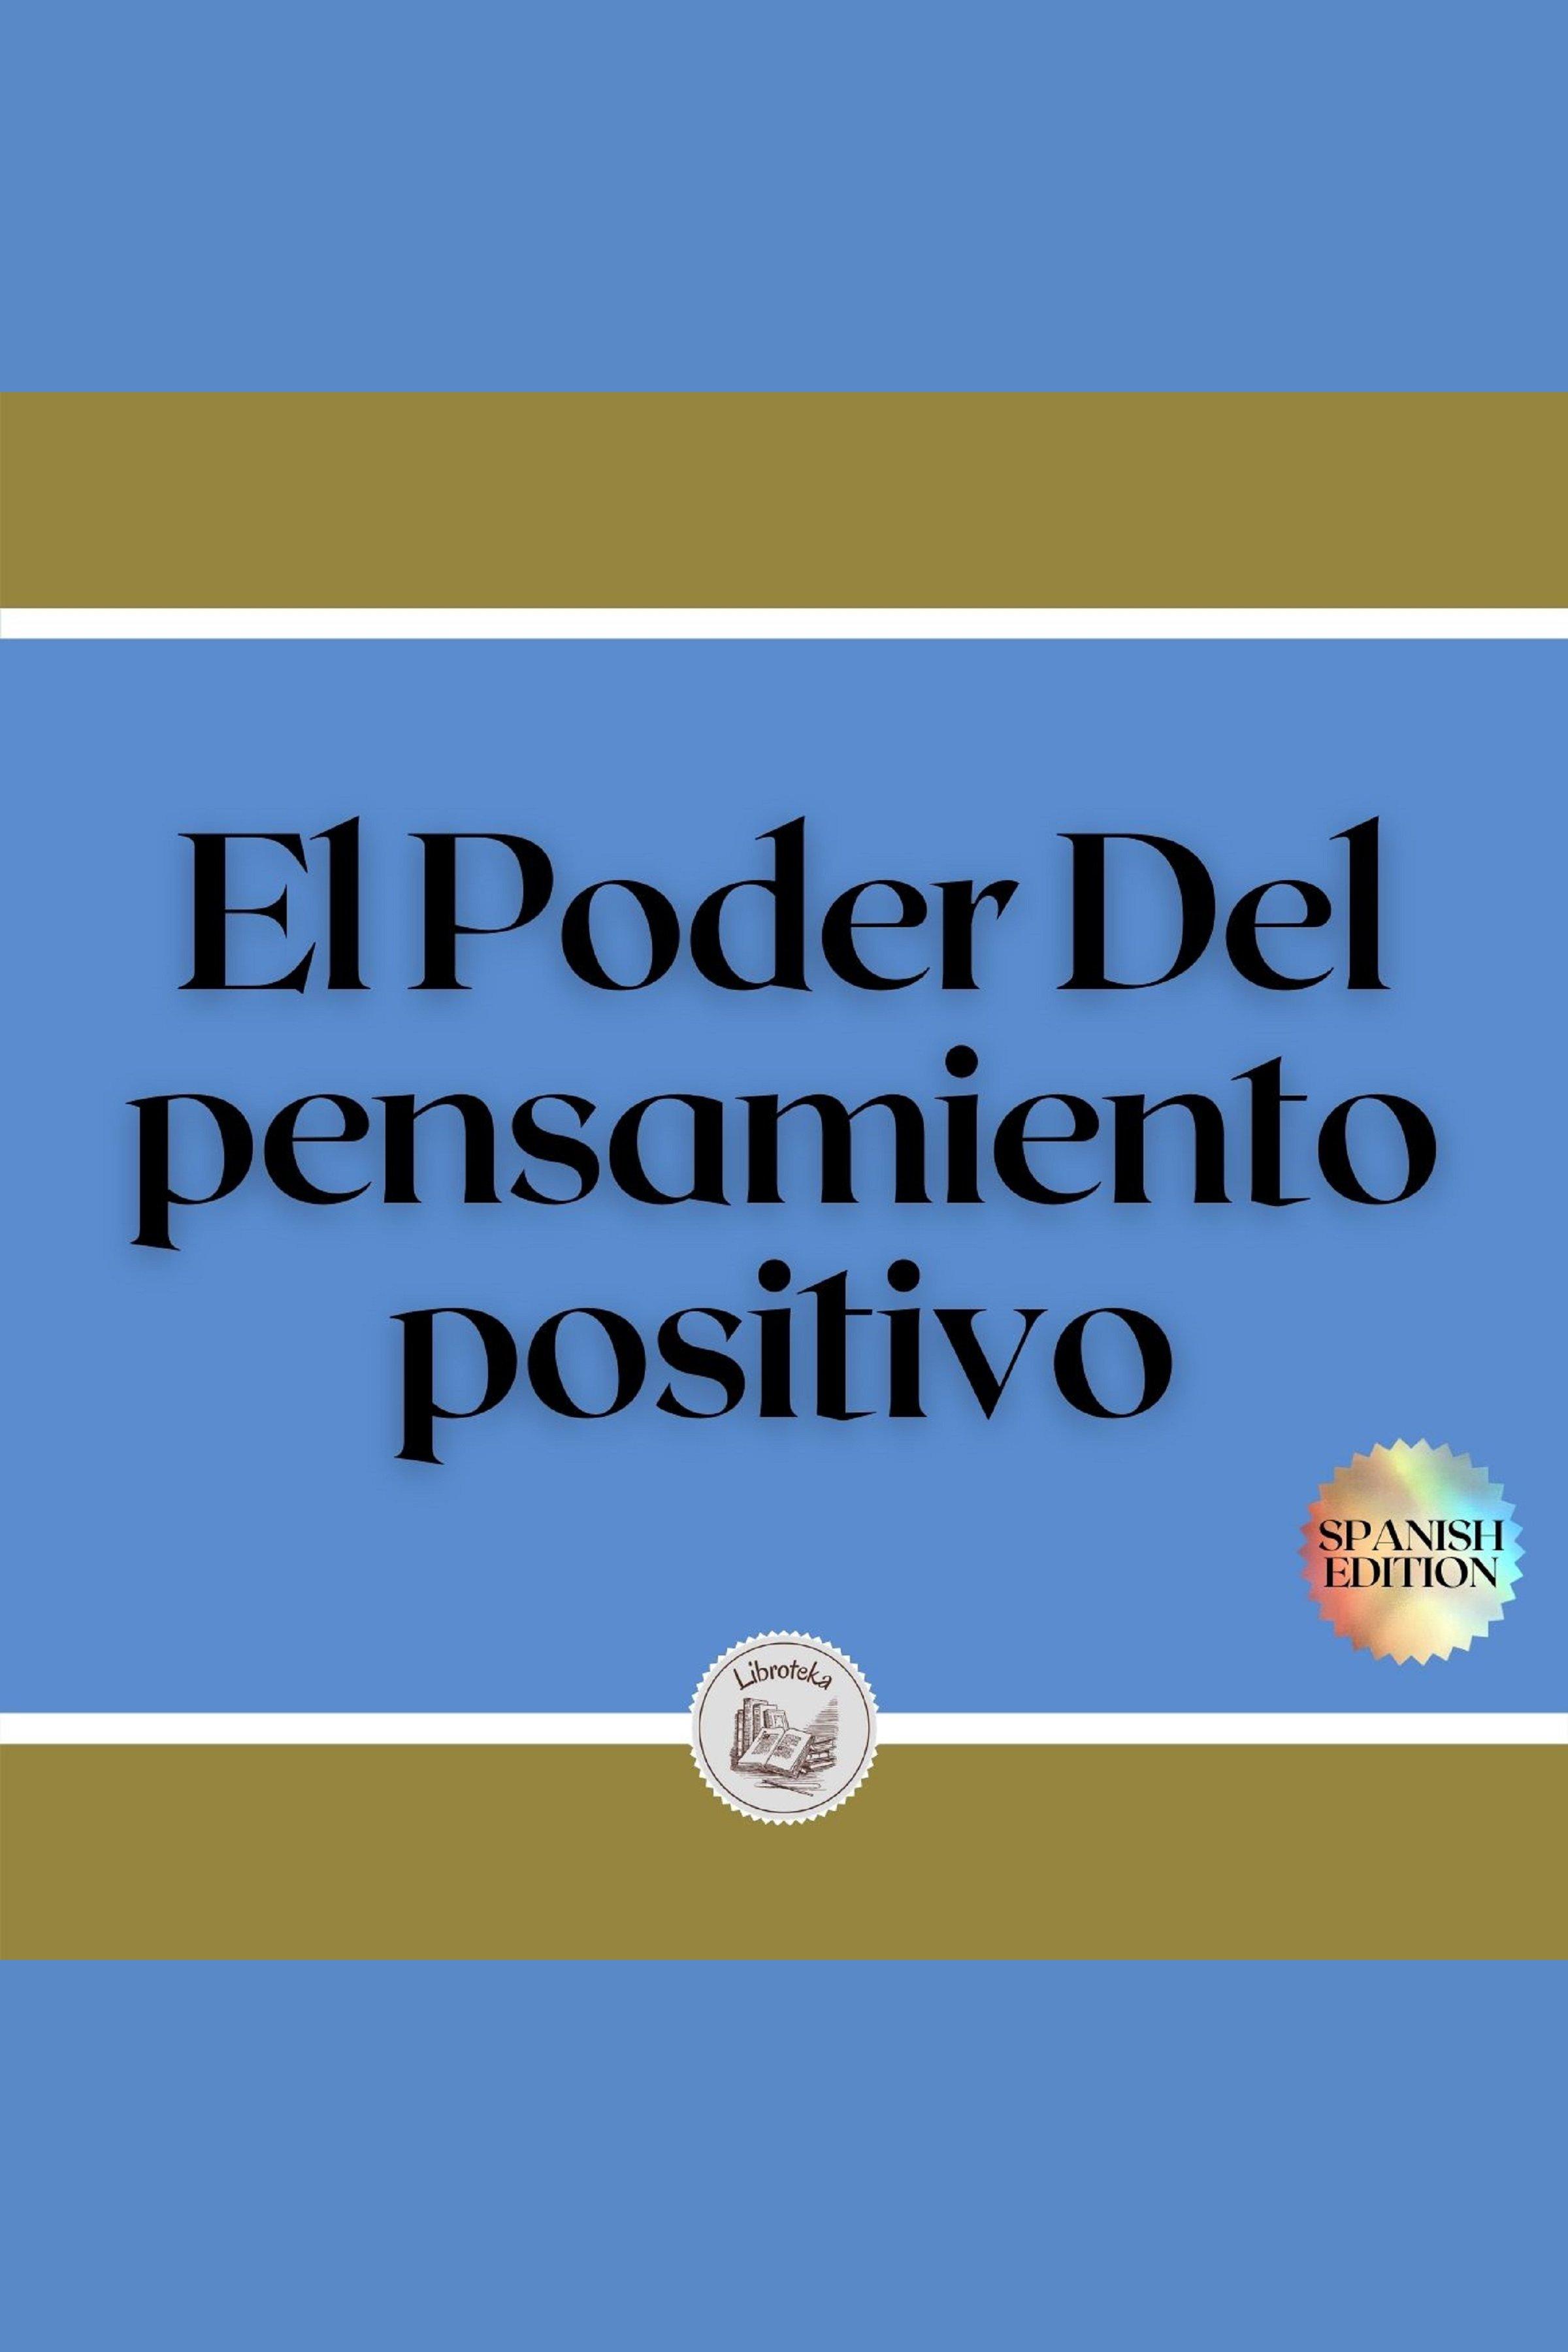 Esta es la portada del audiolibro El Poder Del pensamiento positivo